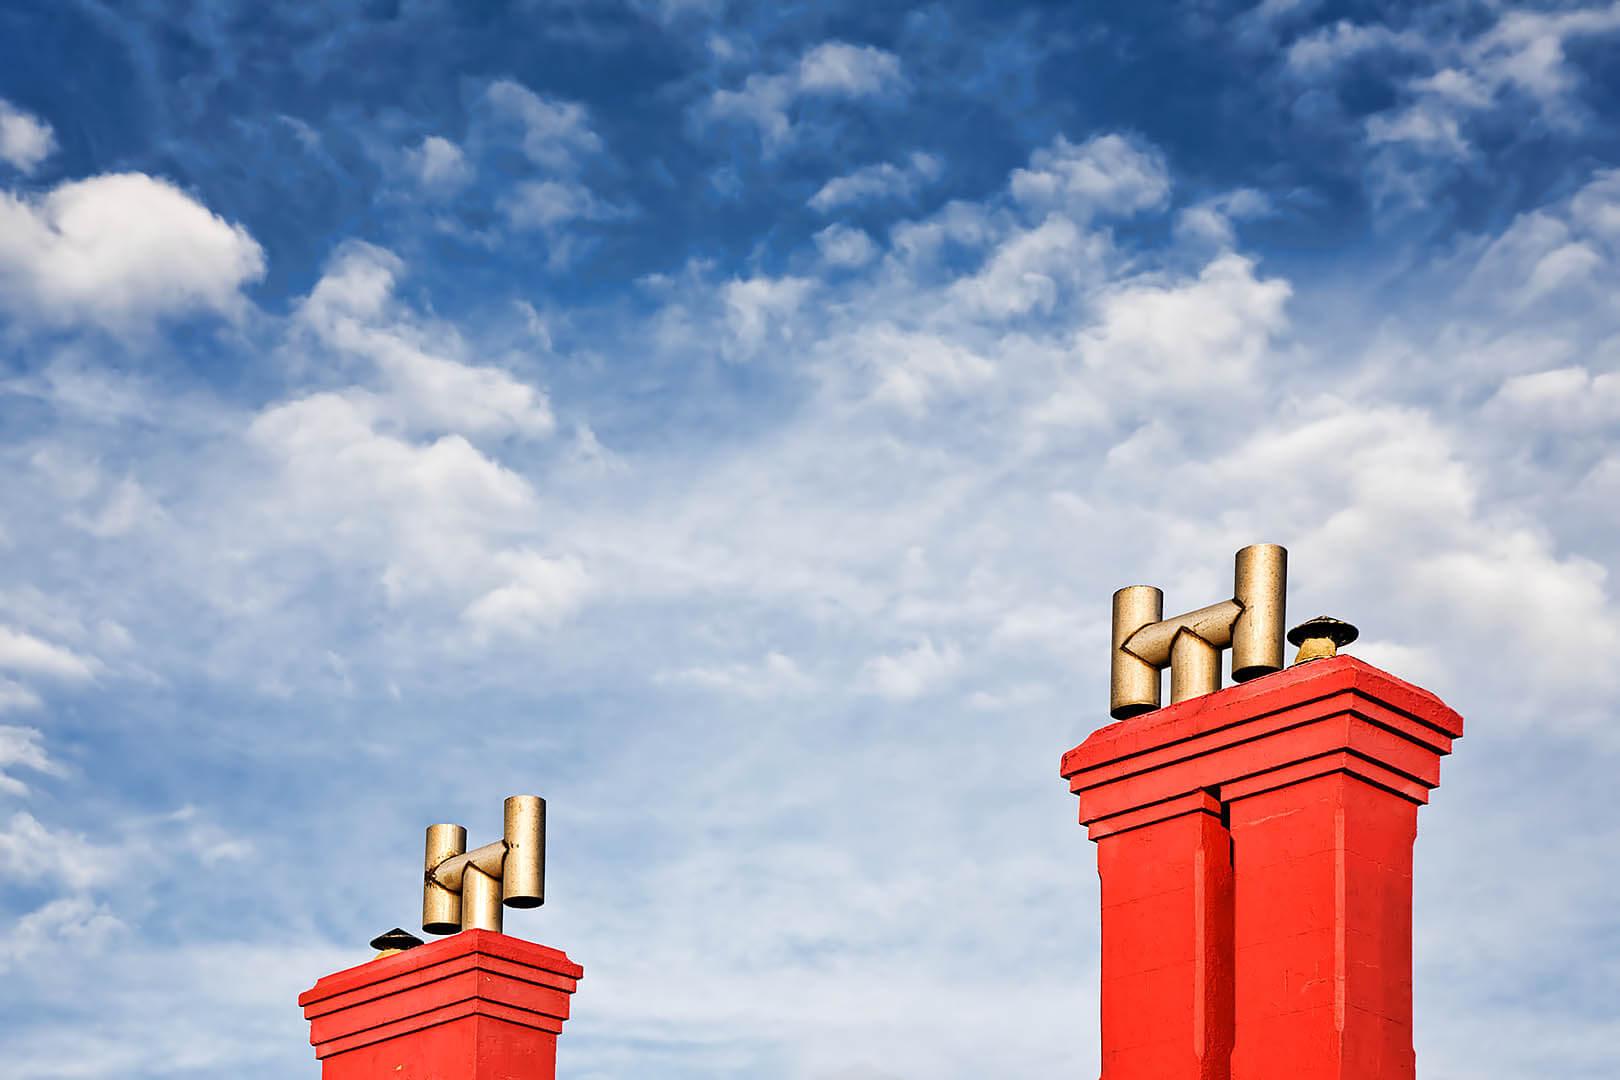 2 Red Chimneys